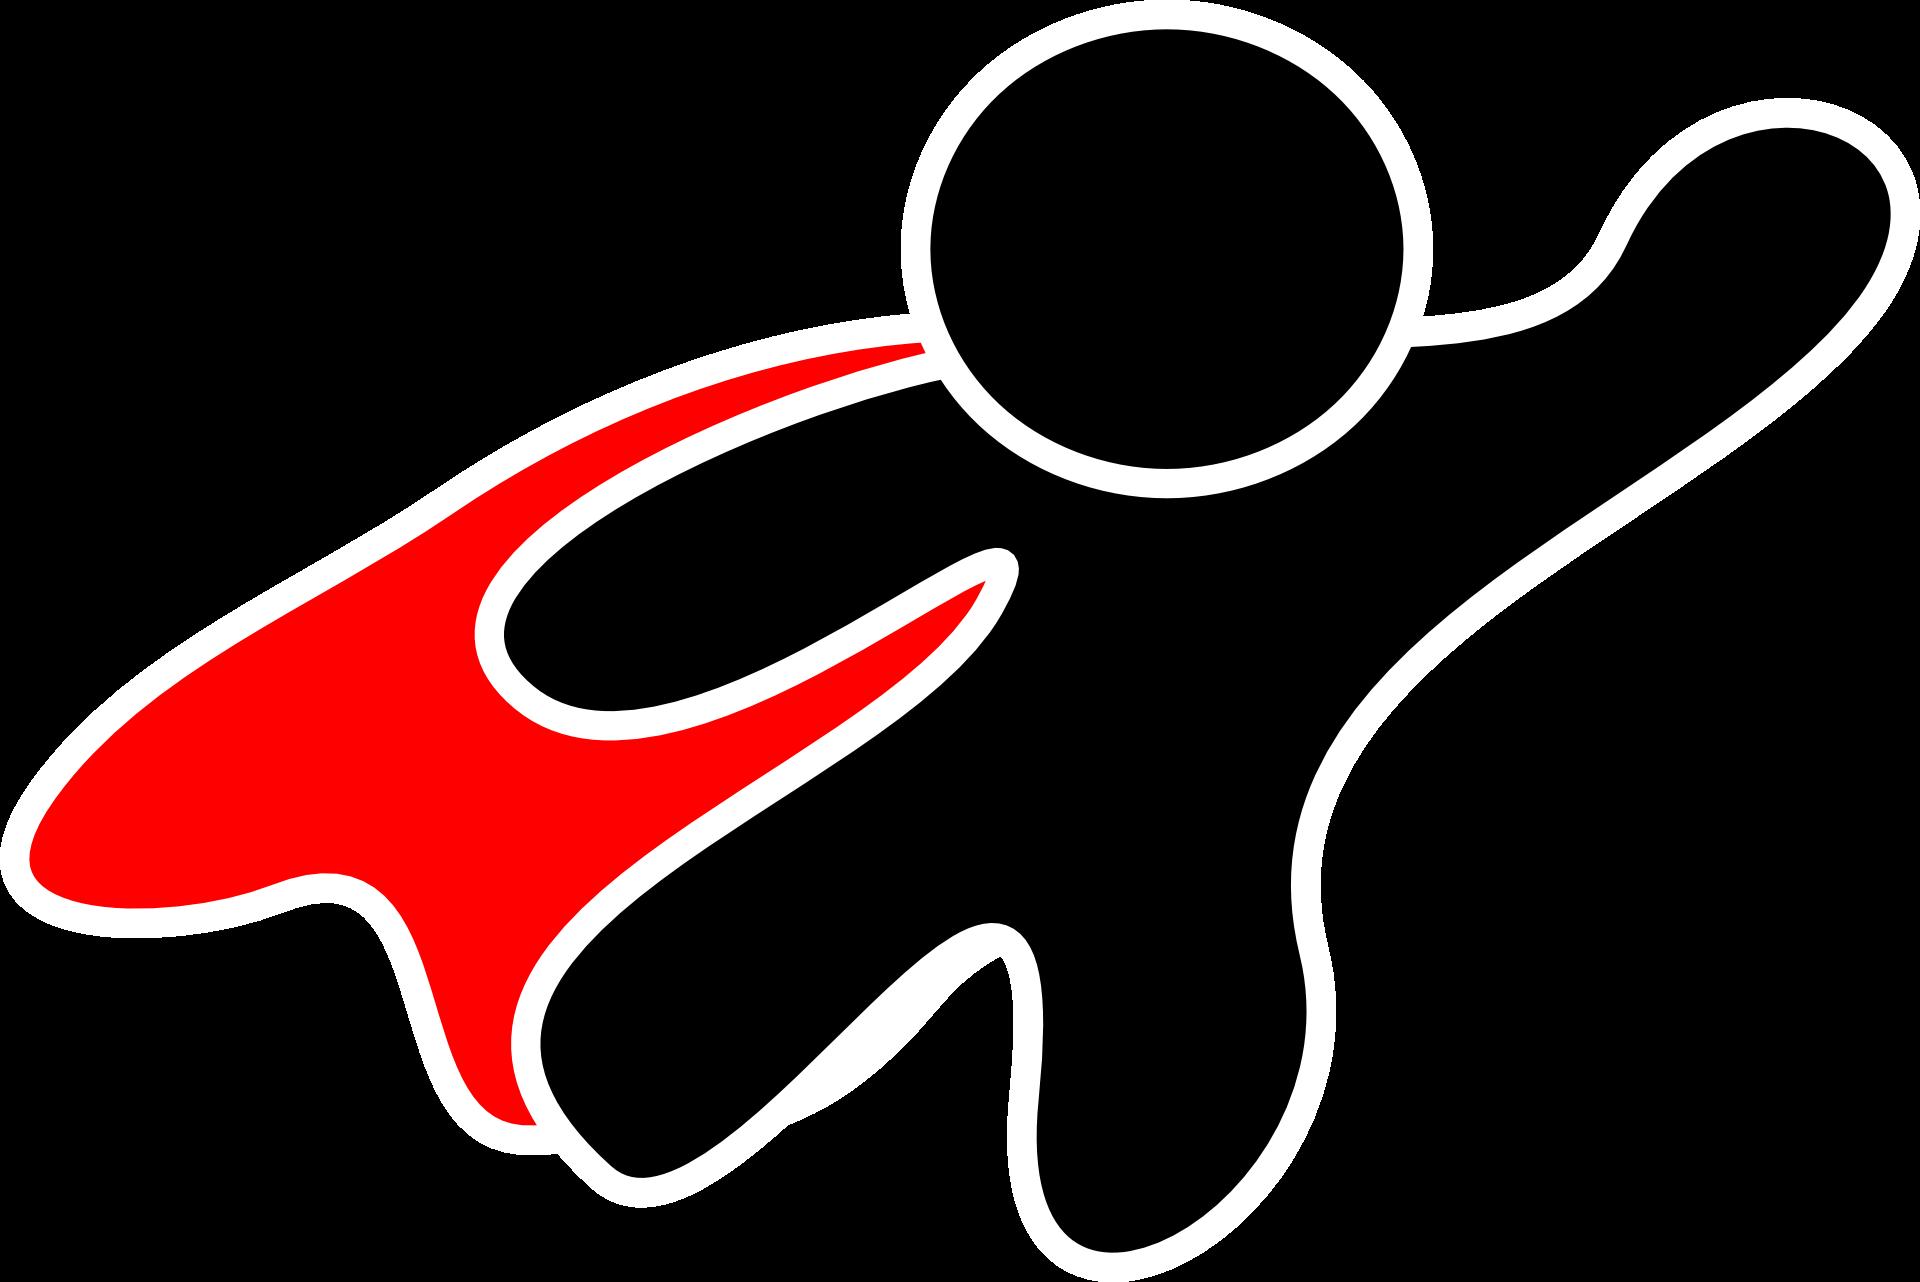 Héro (crédit Clker-Free-Vector-Images, Pixabay)